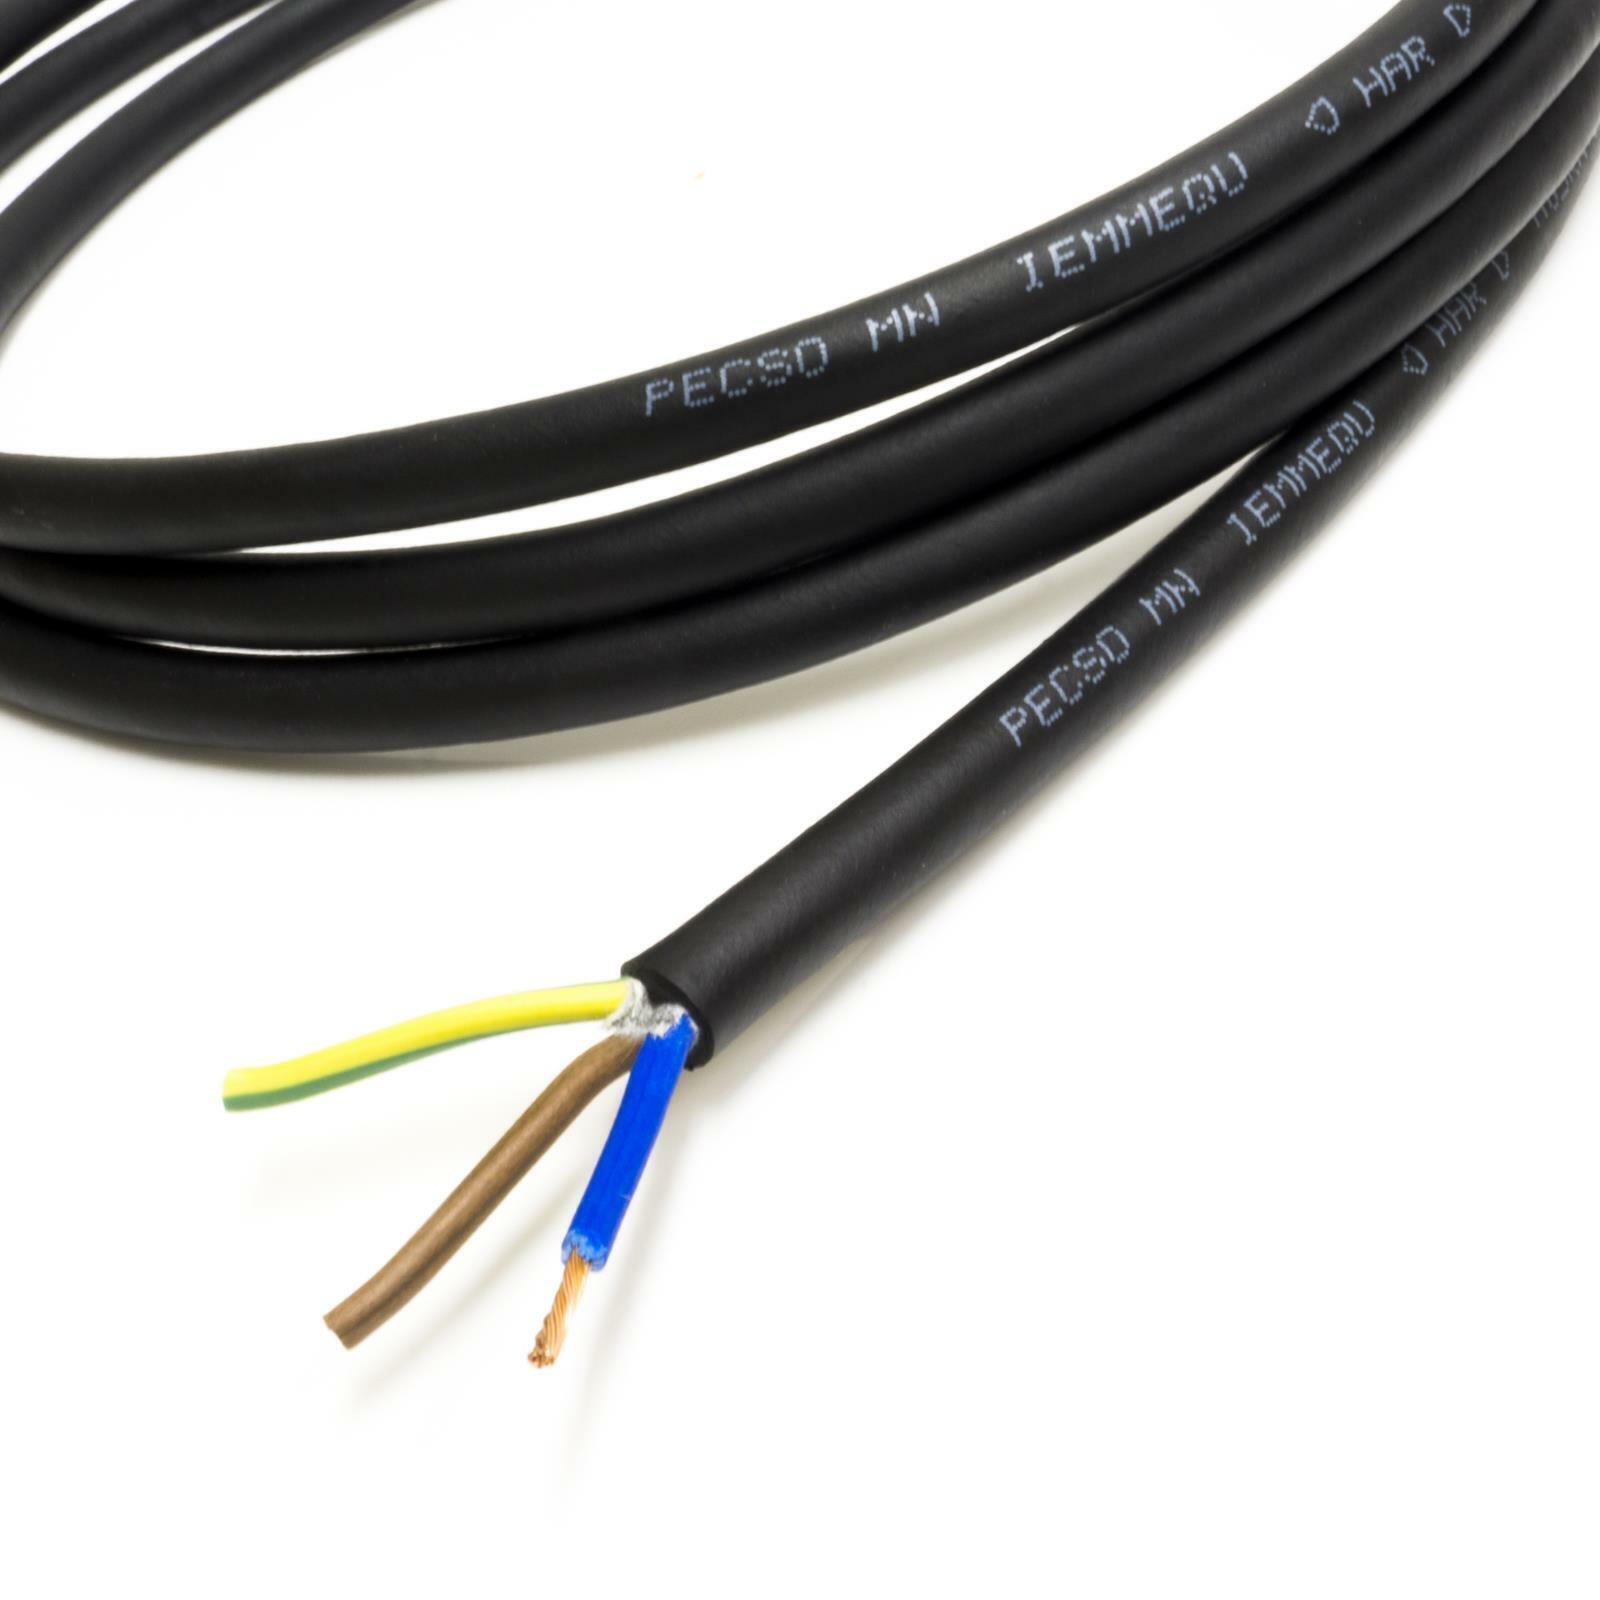 H05RN-F Gummi Kabel für Handheld Geräte 240v Netzteil Kabel